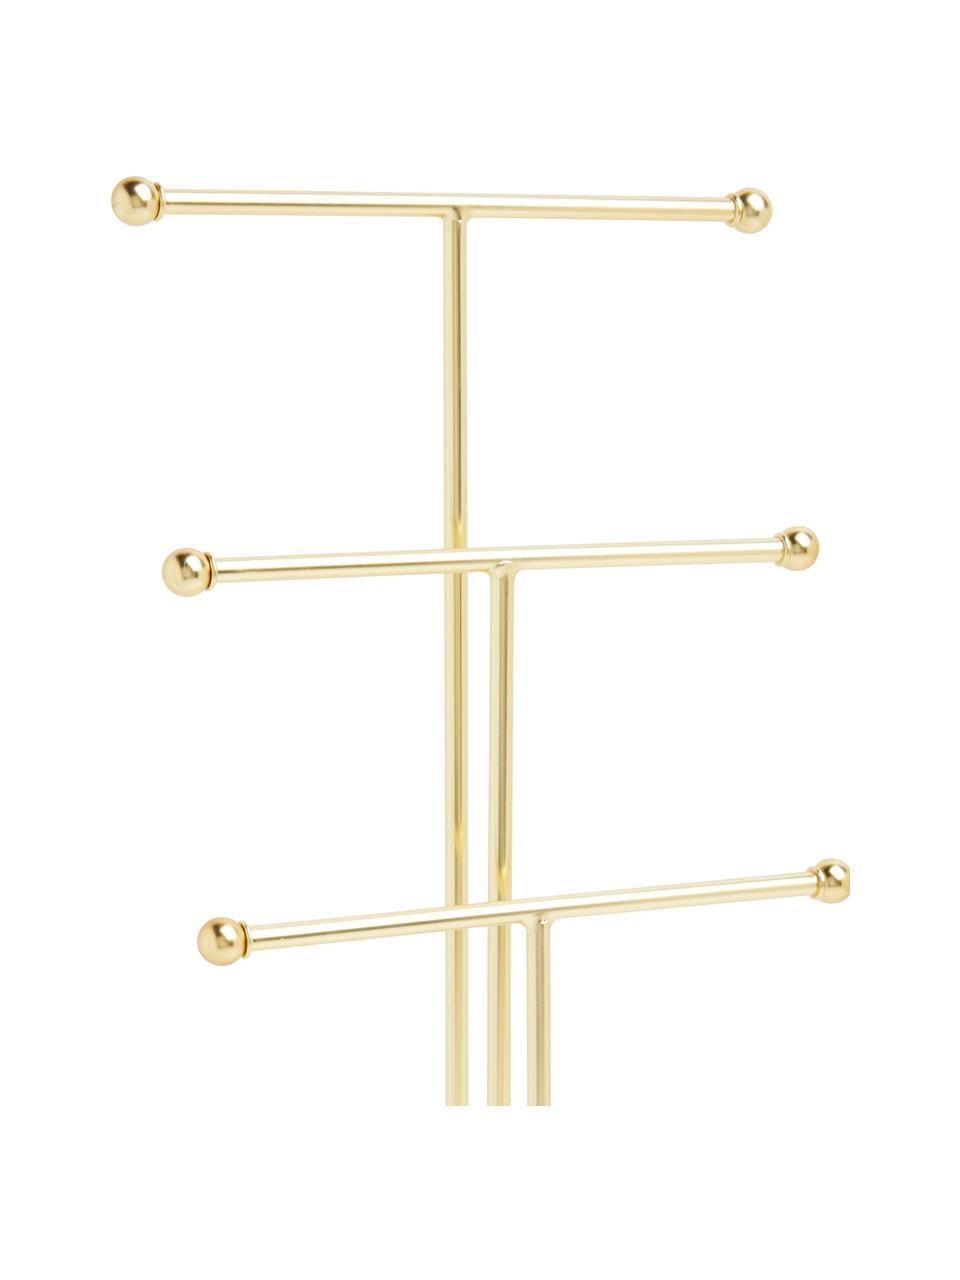 Stojak na biżuterię Trigem, Metal lakierowany, Biały, mosiężny, S 23 x W 48 cm